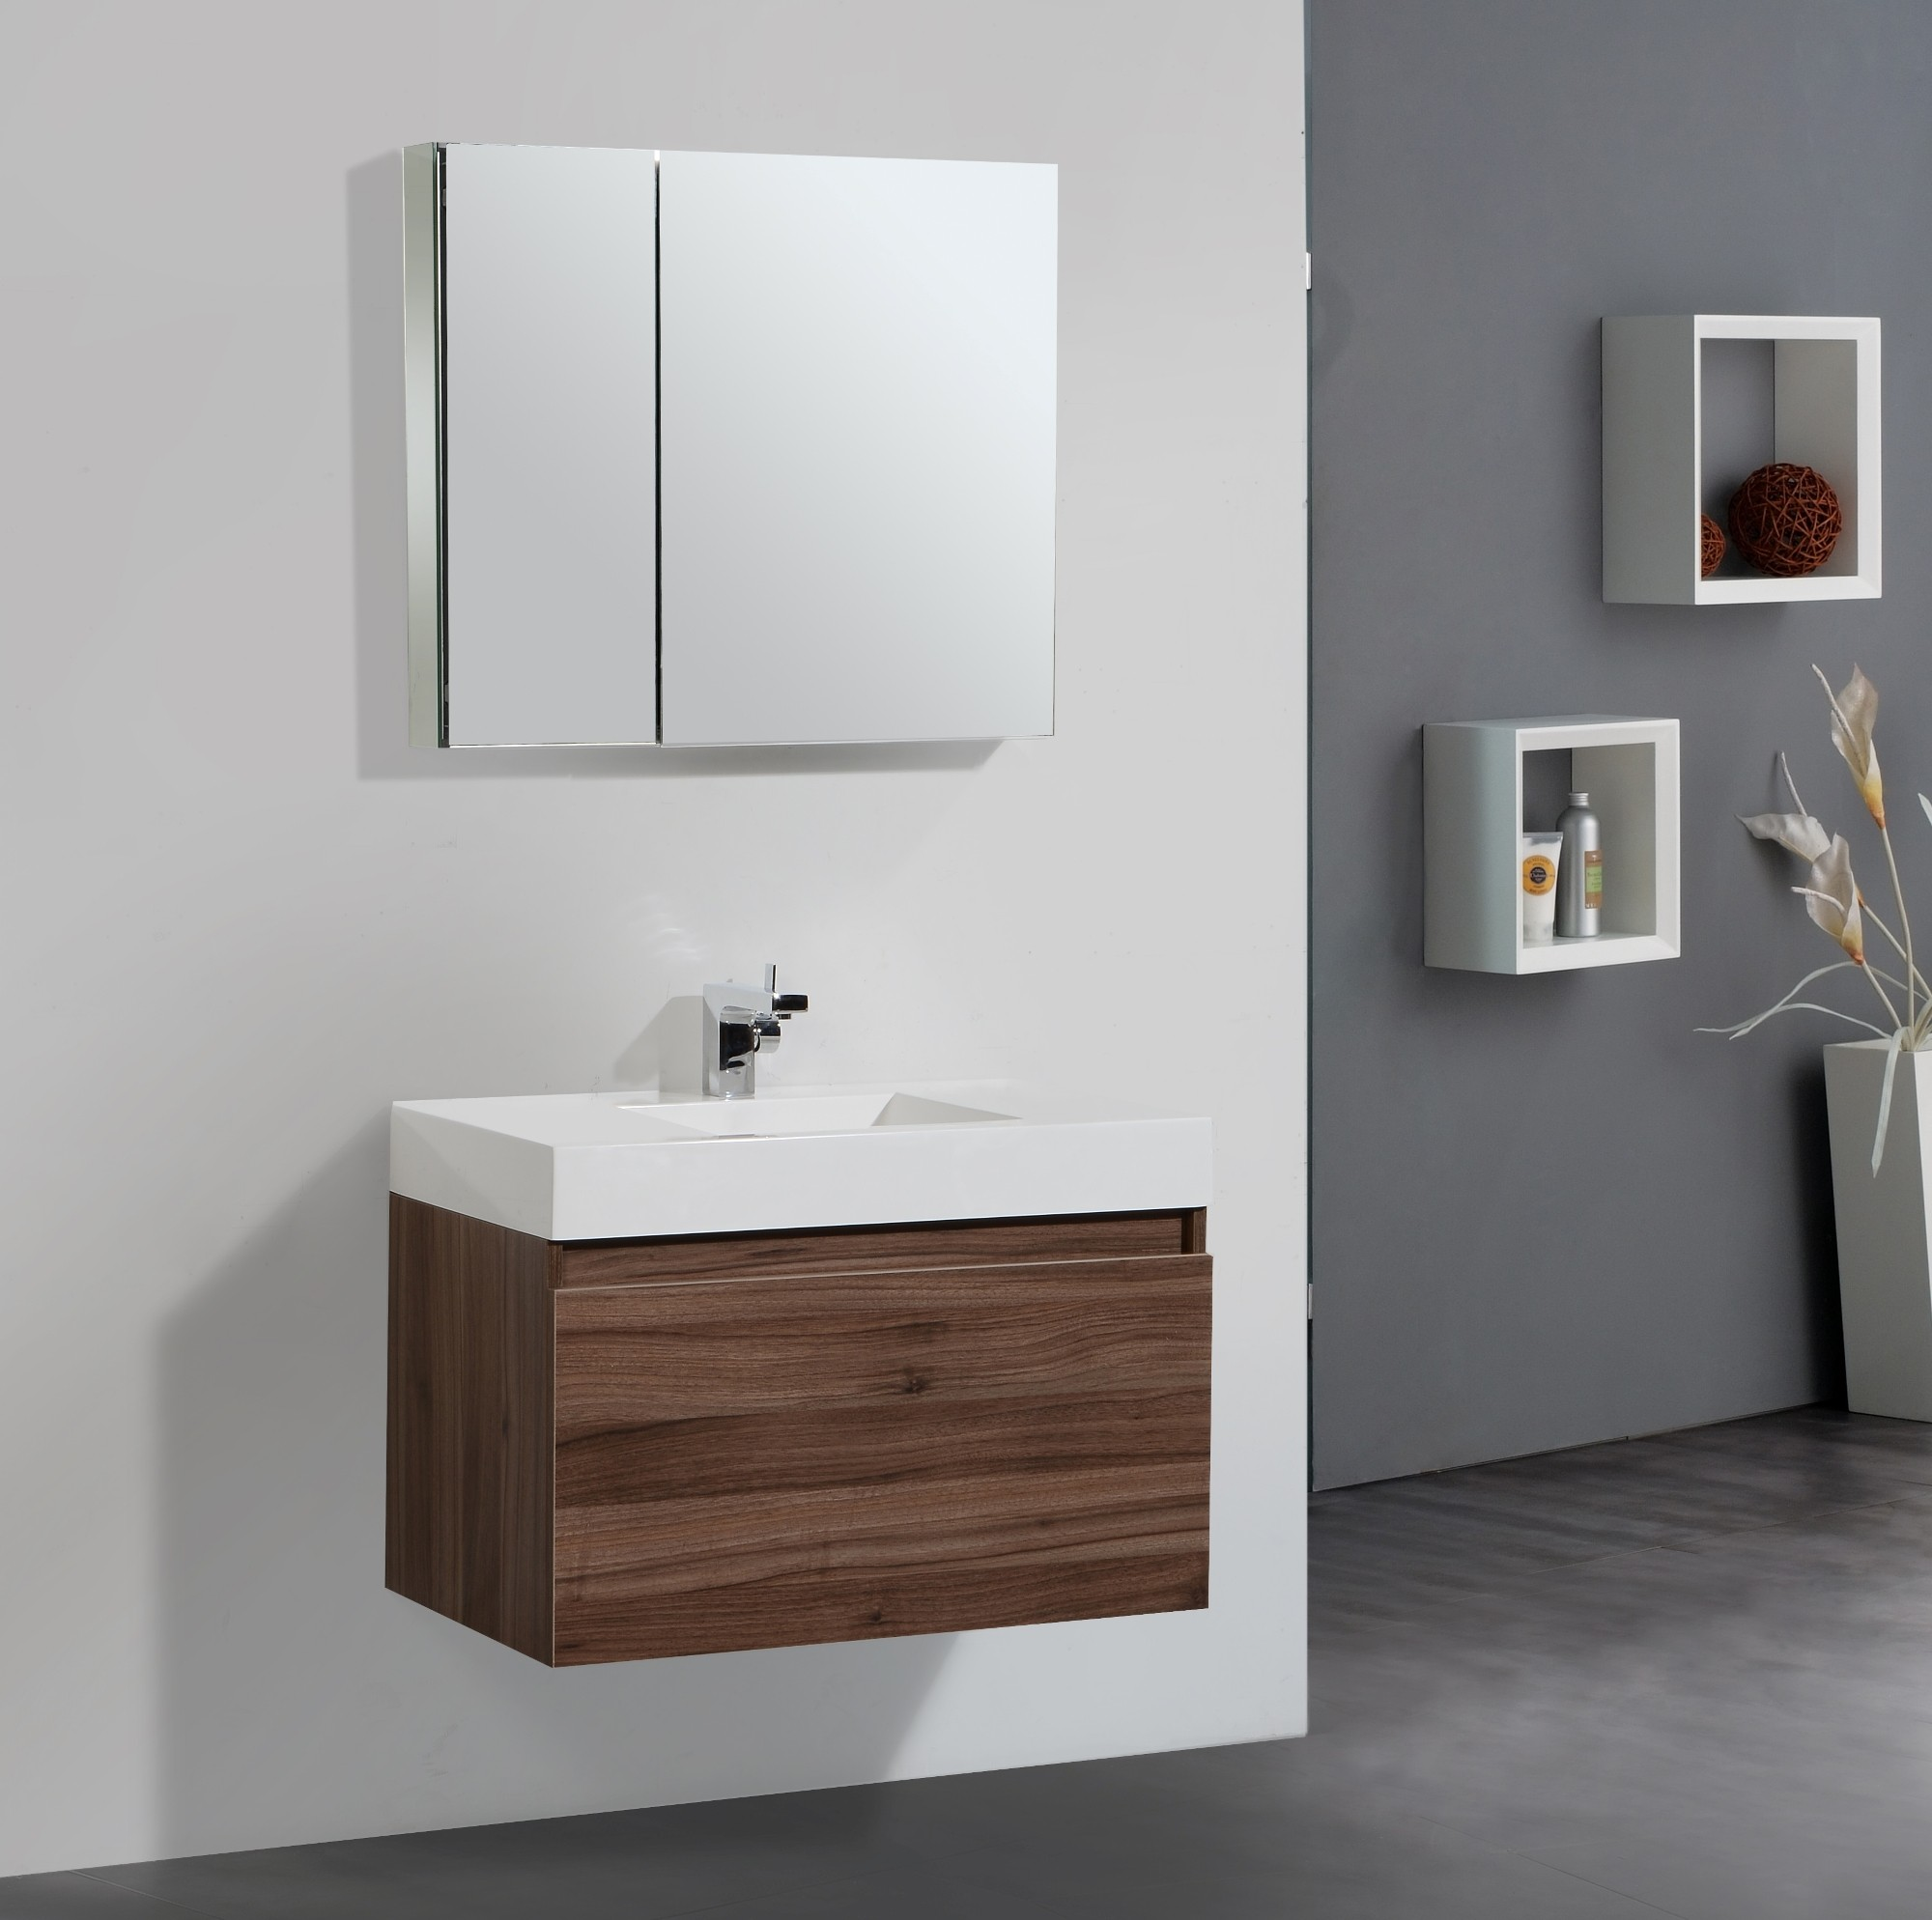 88 first-class bathroom washbasins and cabinets washbasin washbasin small LFCVYNP